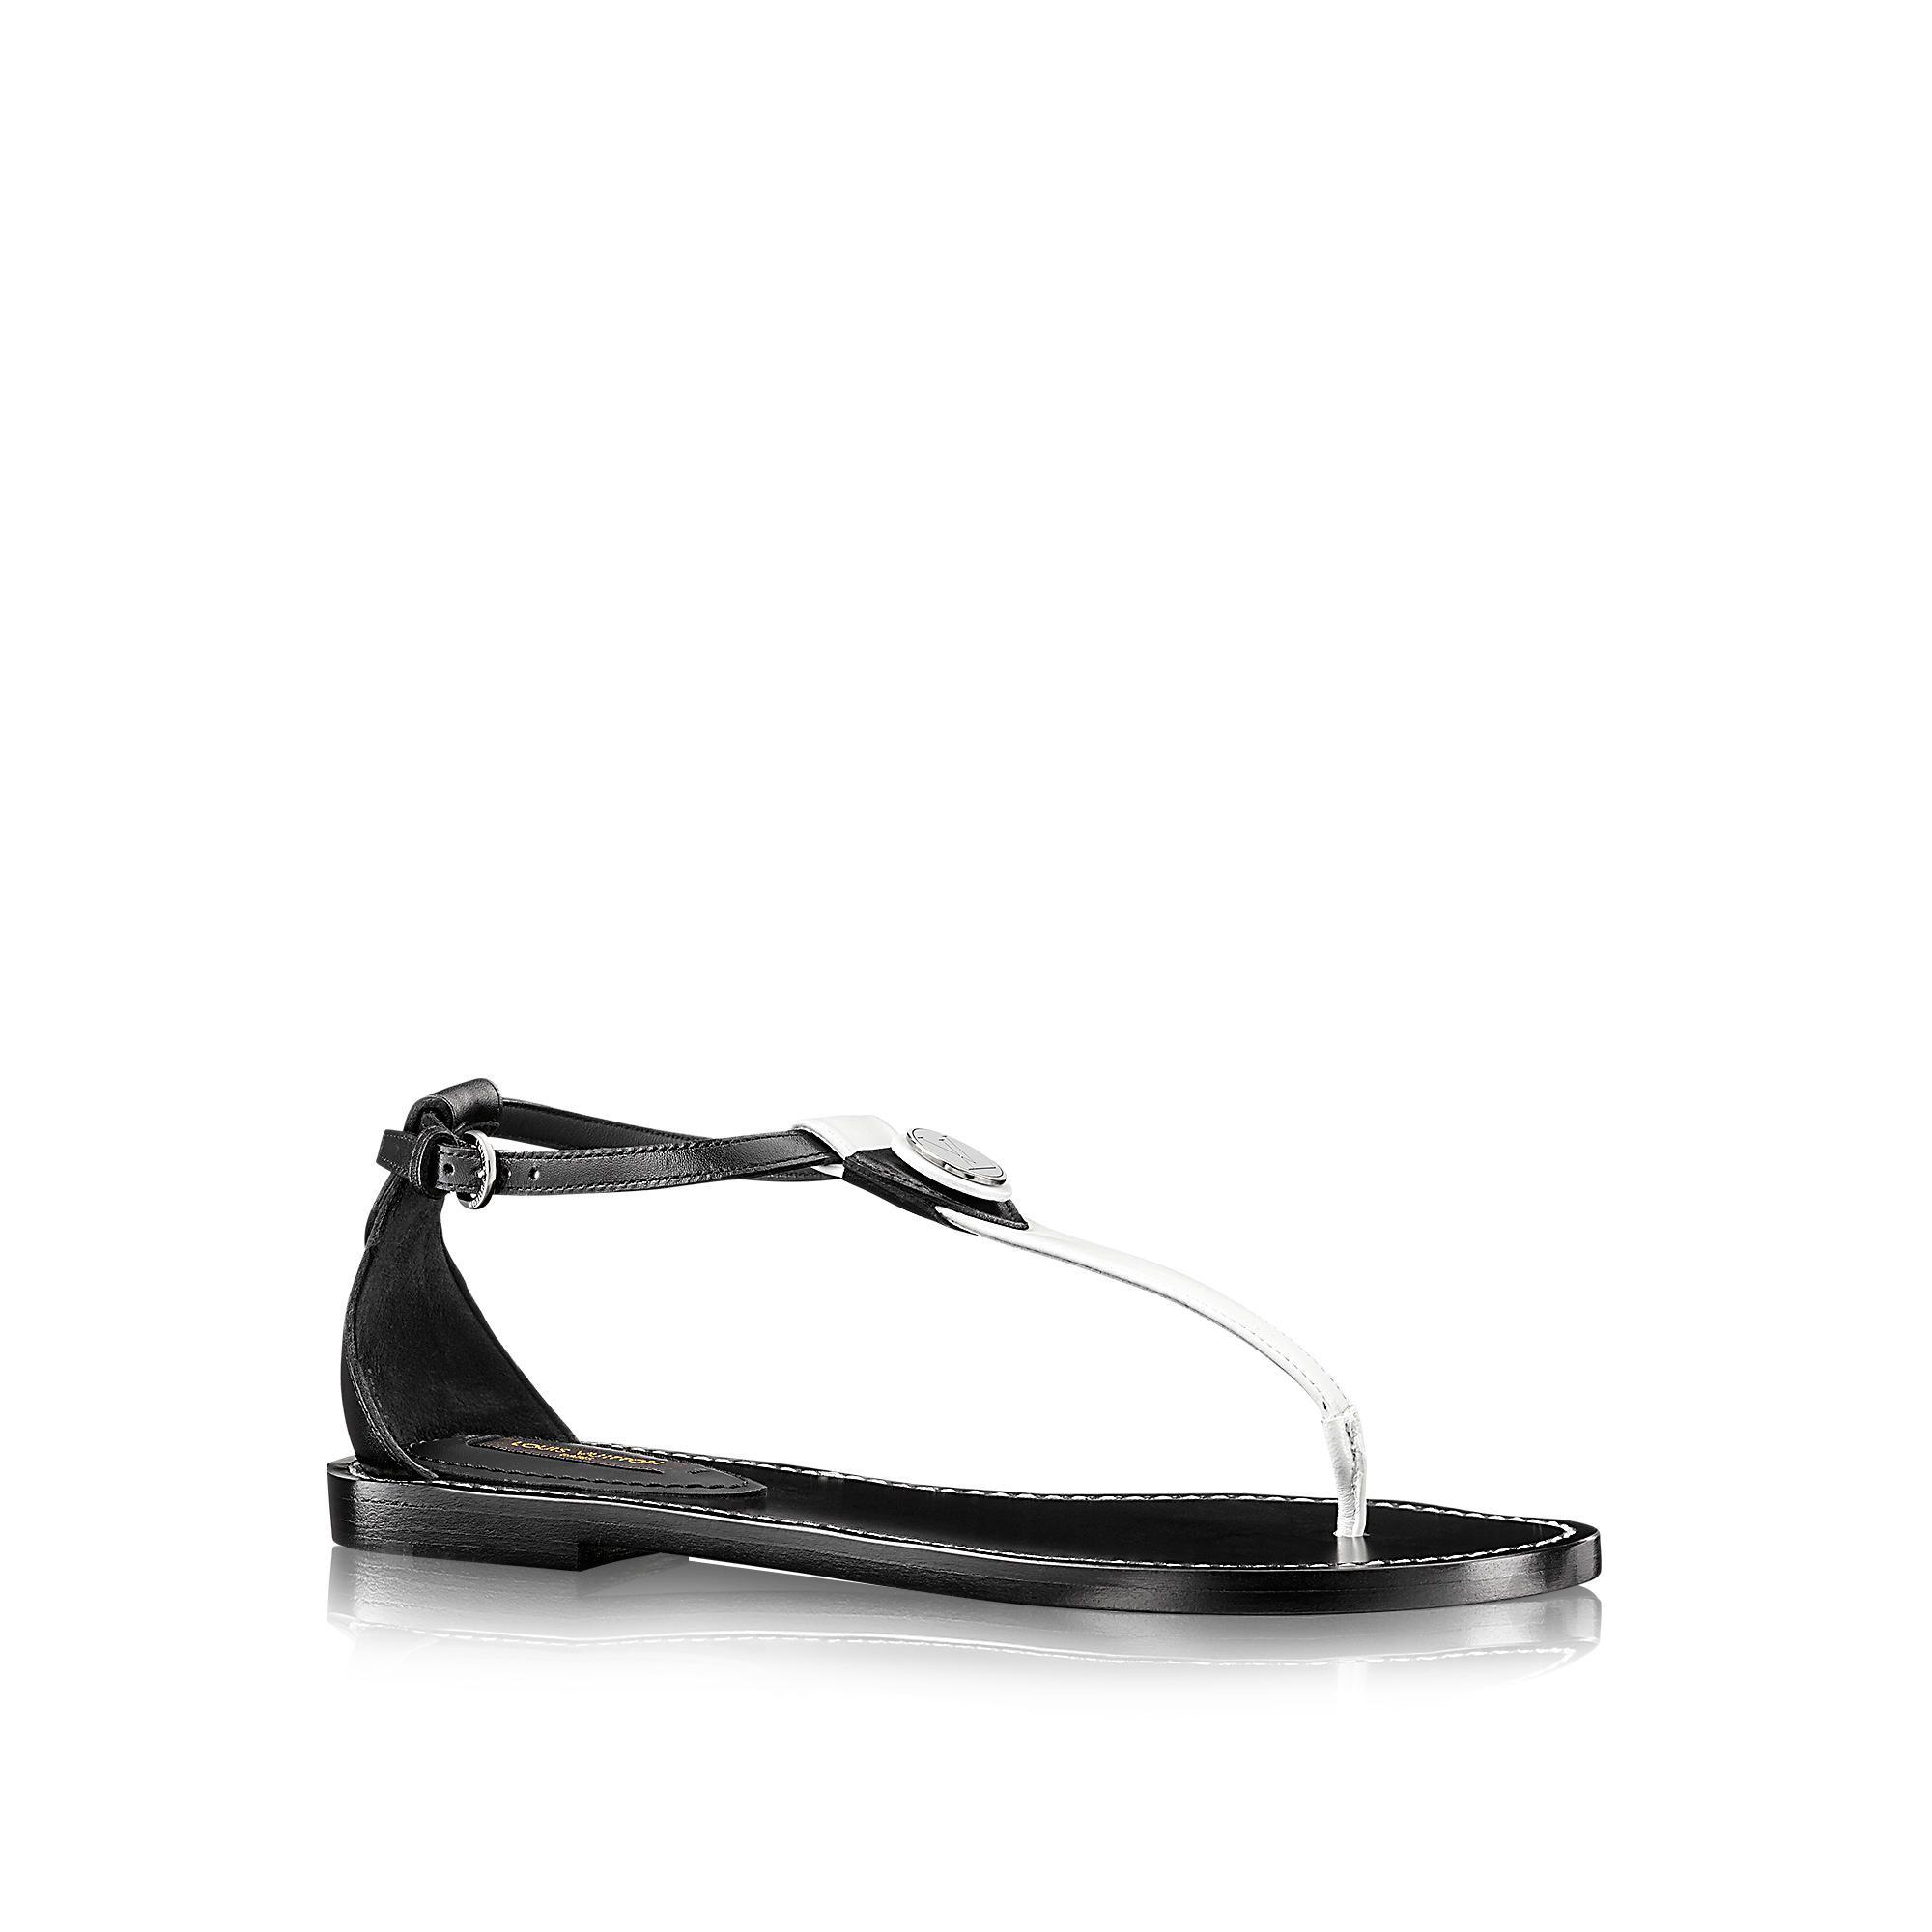 138c3d414de5 Discover Louis Vuitton South Beach Sandal via Louis Vuitton